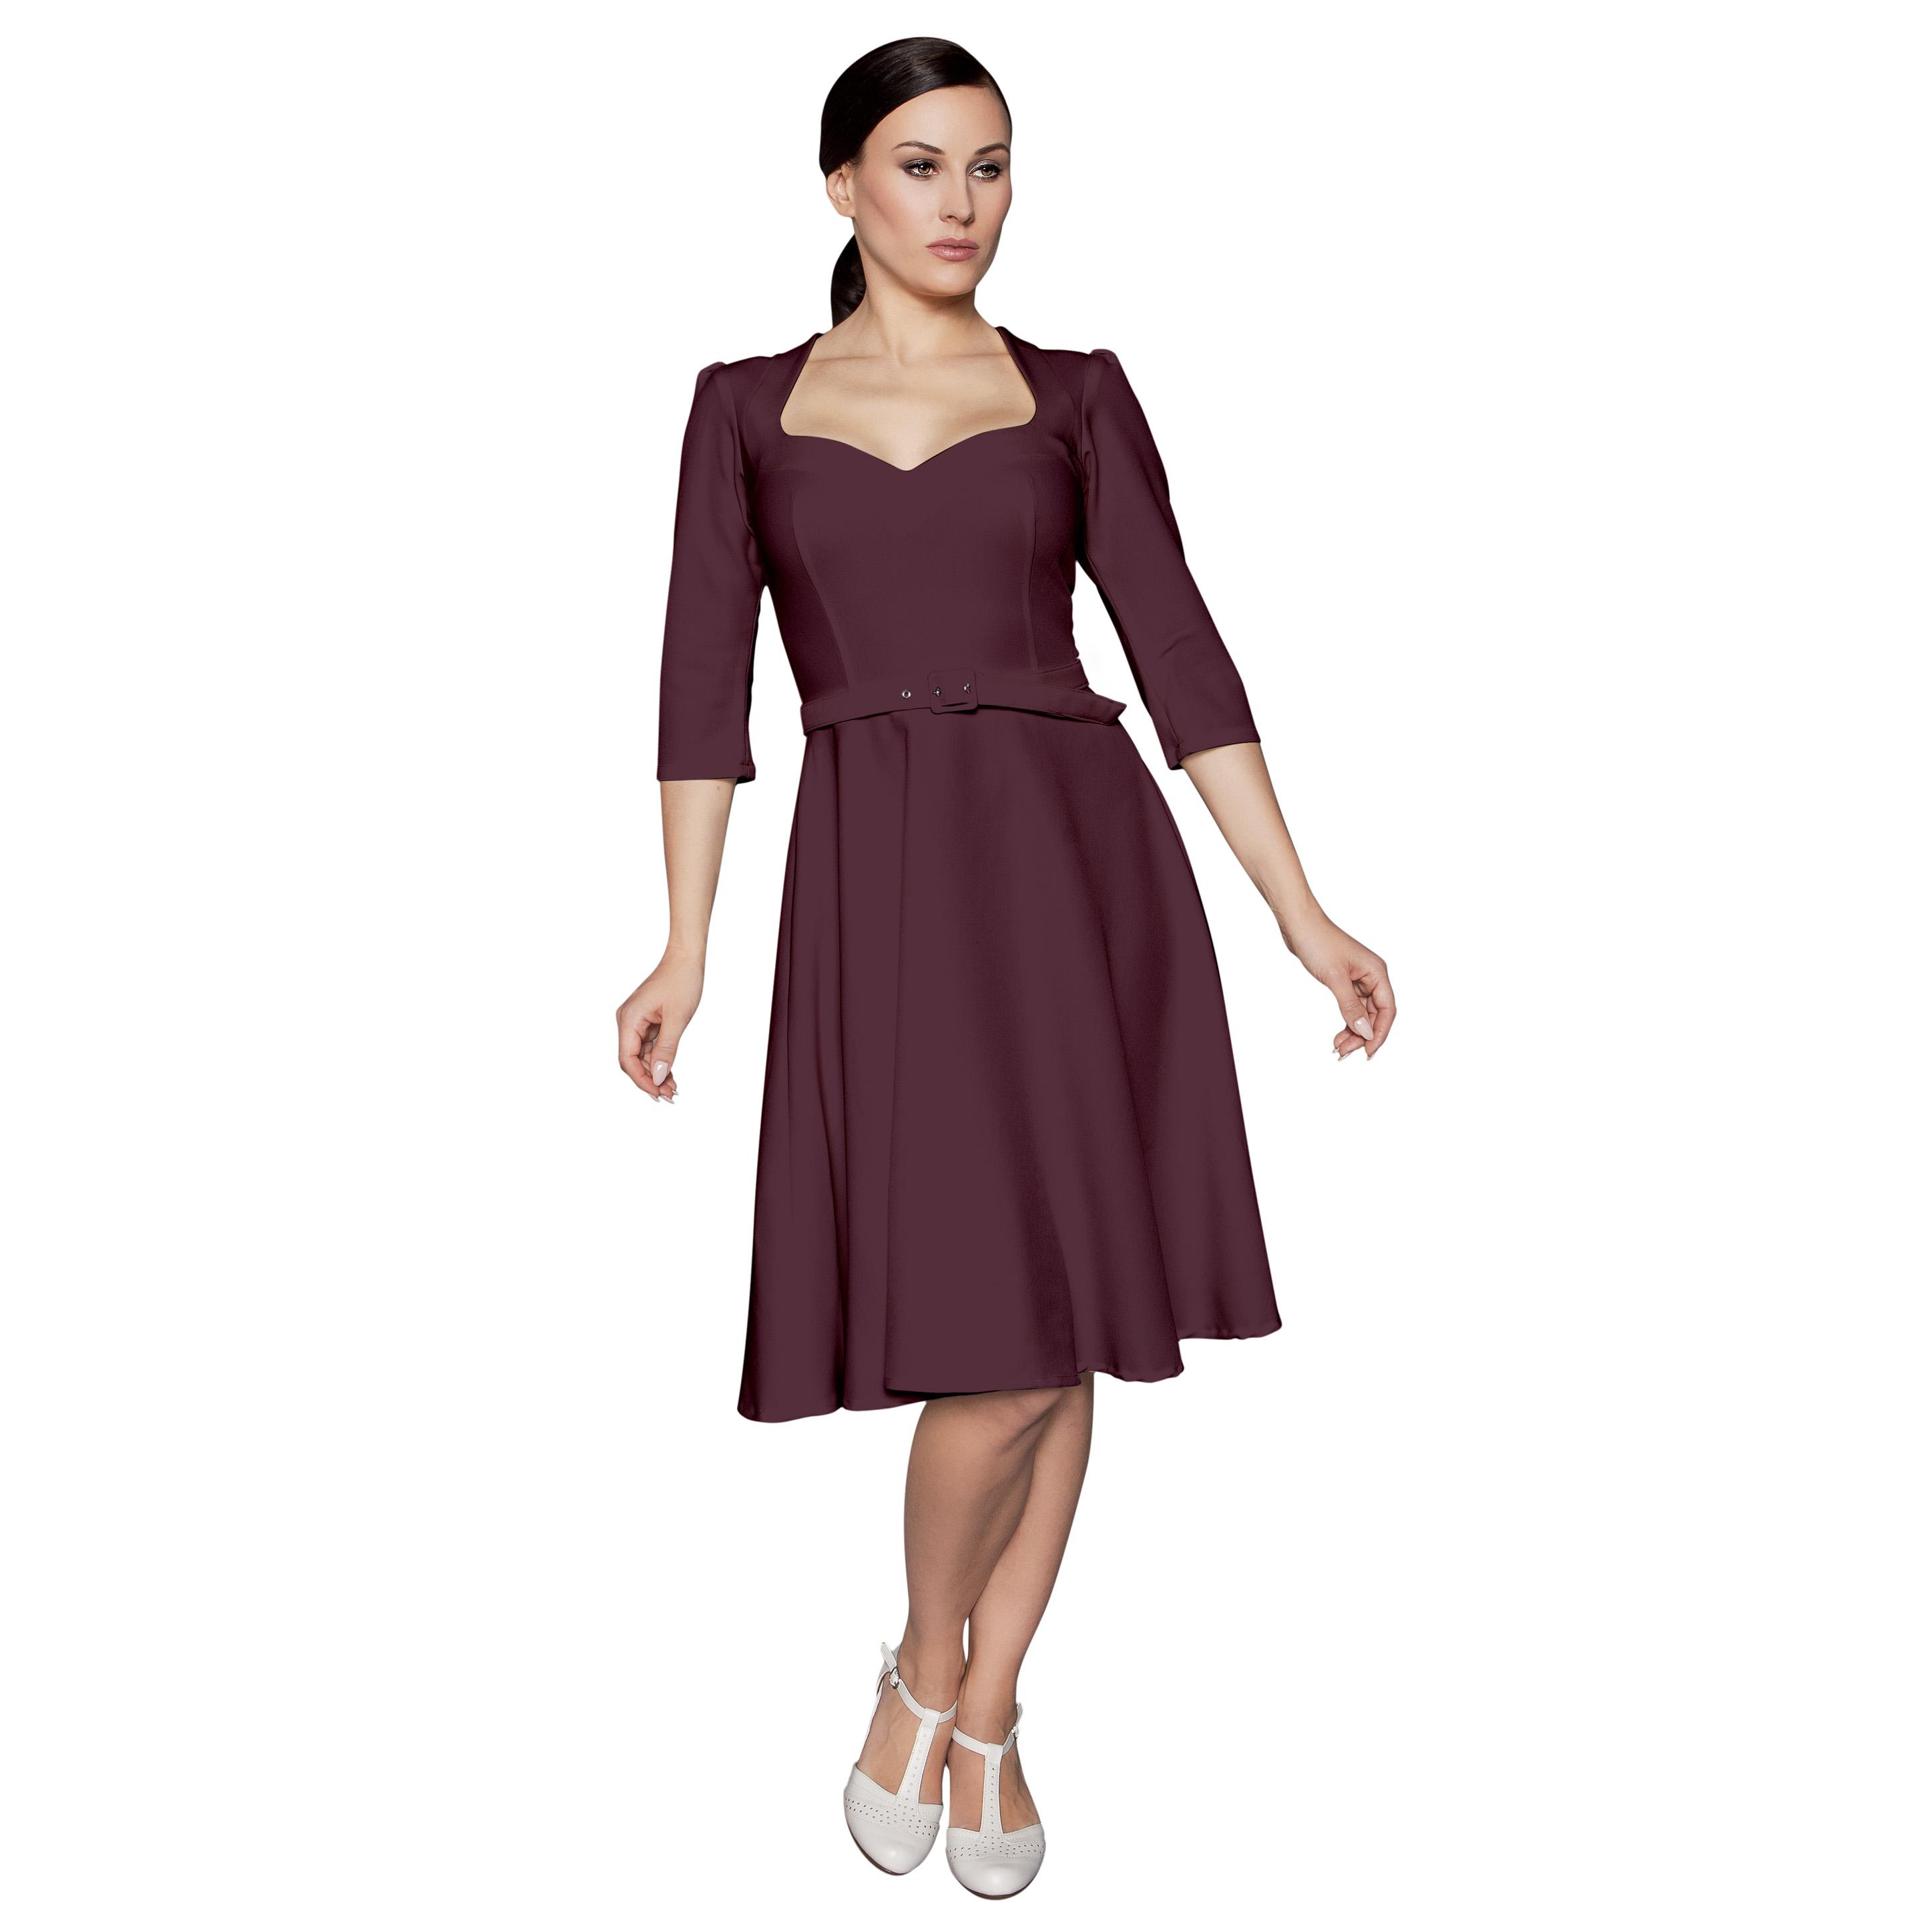 Kleid VALENTINA in vielen Farben – Marlenes Töchter